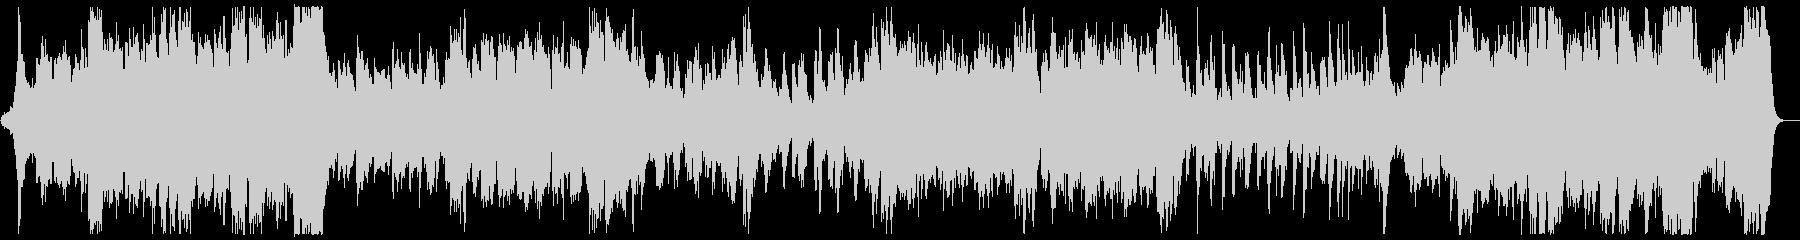 ハリウッド風ファンファーレとマーチx1の未再生の波形